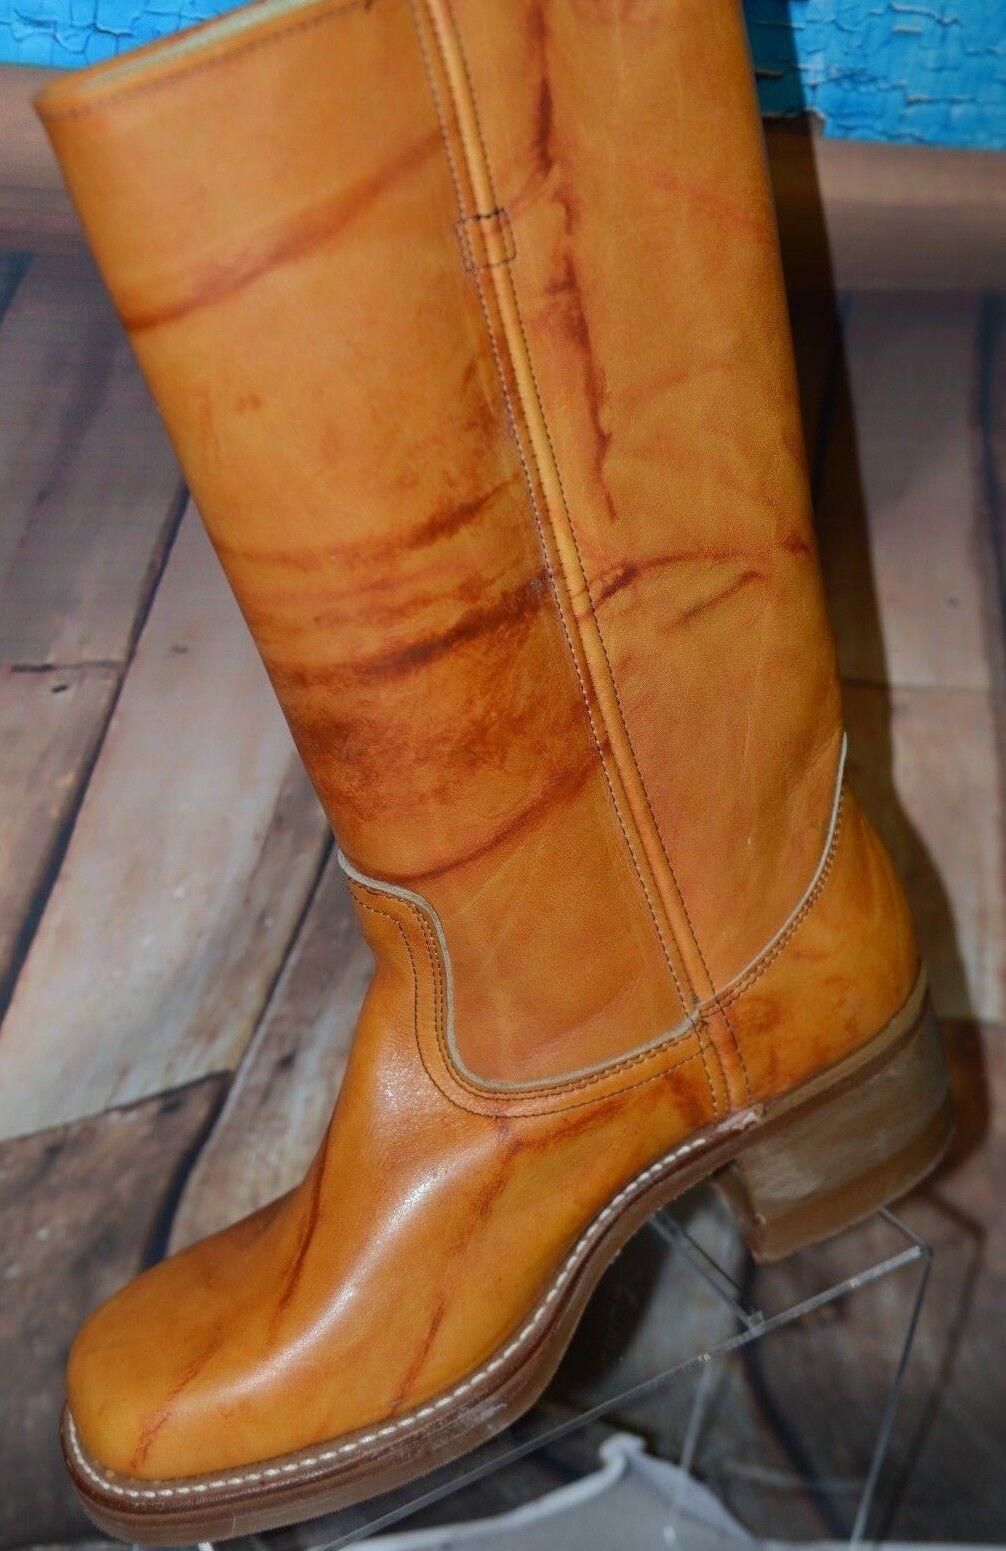 NIB Herman Centennial D Tall Work Stivali Sz 11 D Centennial Tan Vibram Sole 9023 USA Rare West 41f6f6